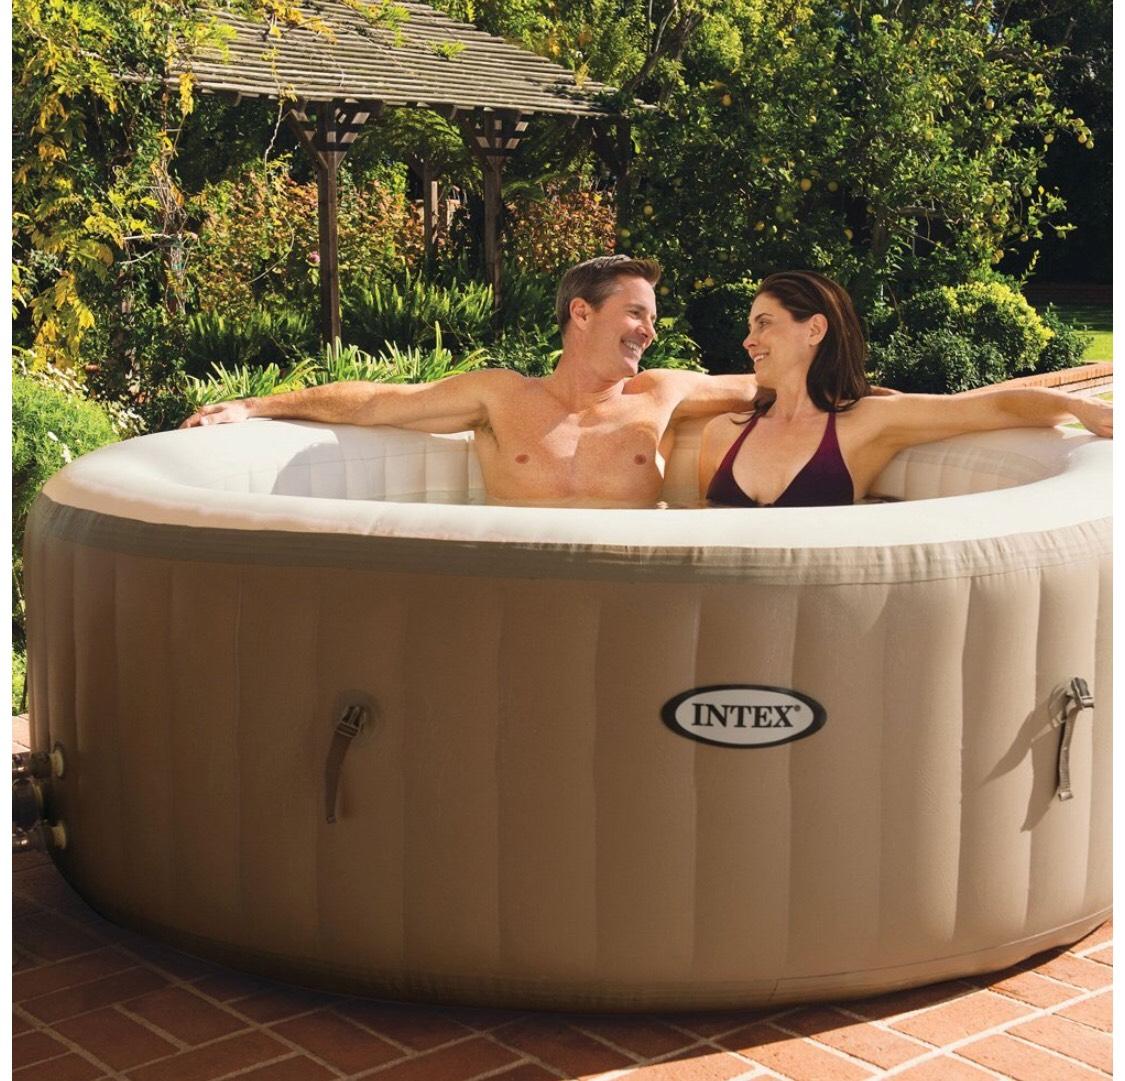 Intex Pure Spa - 6 person Bubble Therapy Hot Tub, Beige - £499.99 @ Amazon